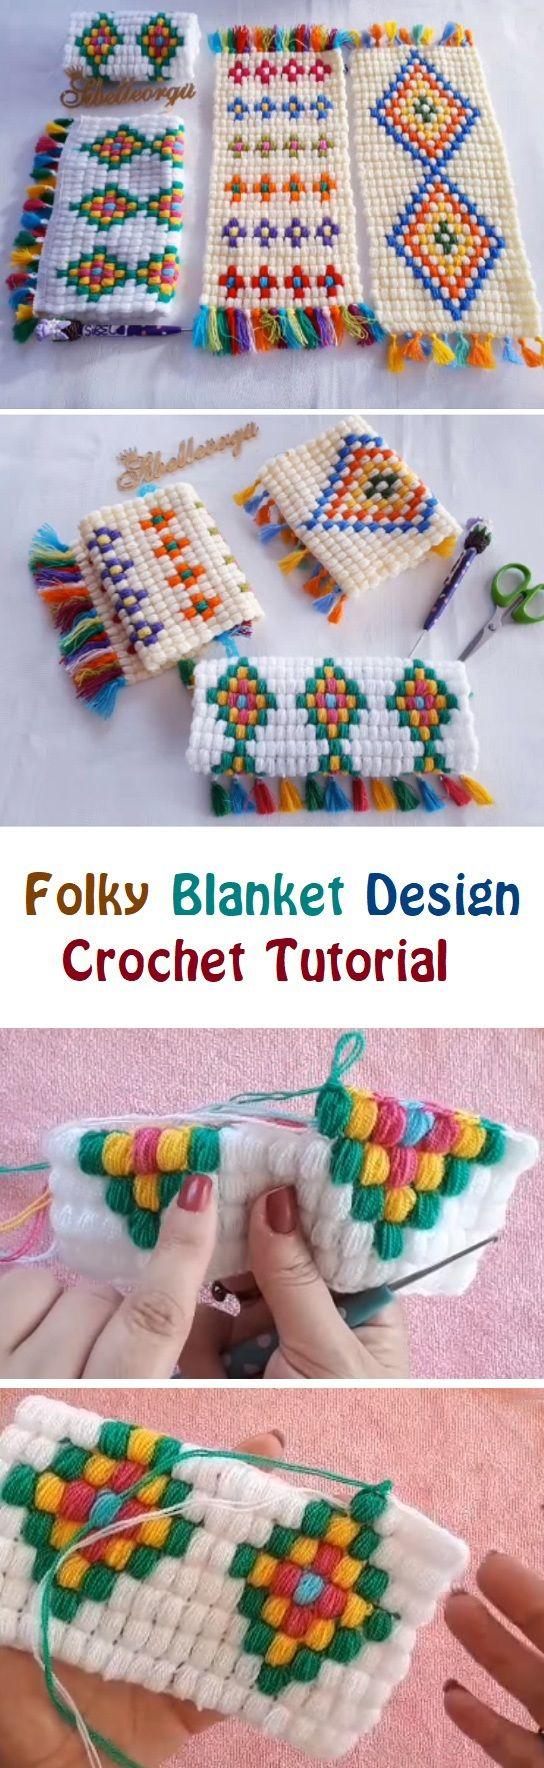 Crochet Folky Blanket – Design Peak